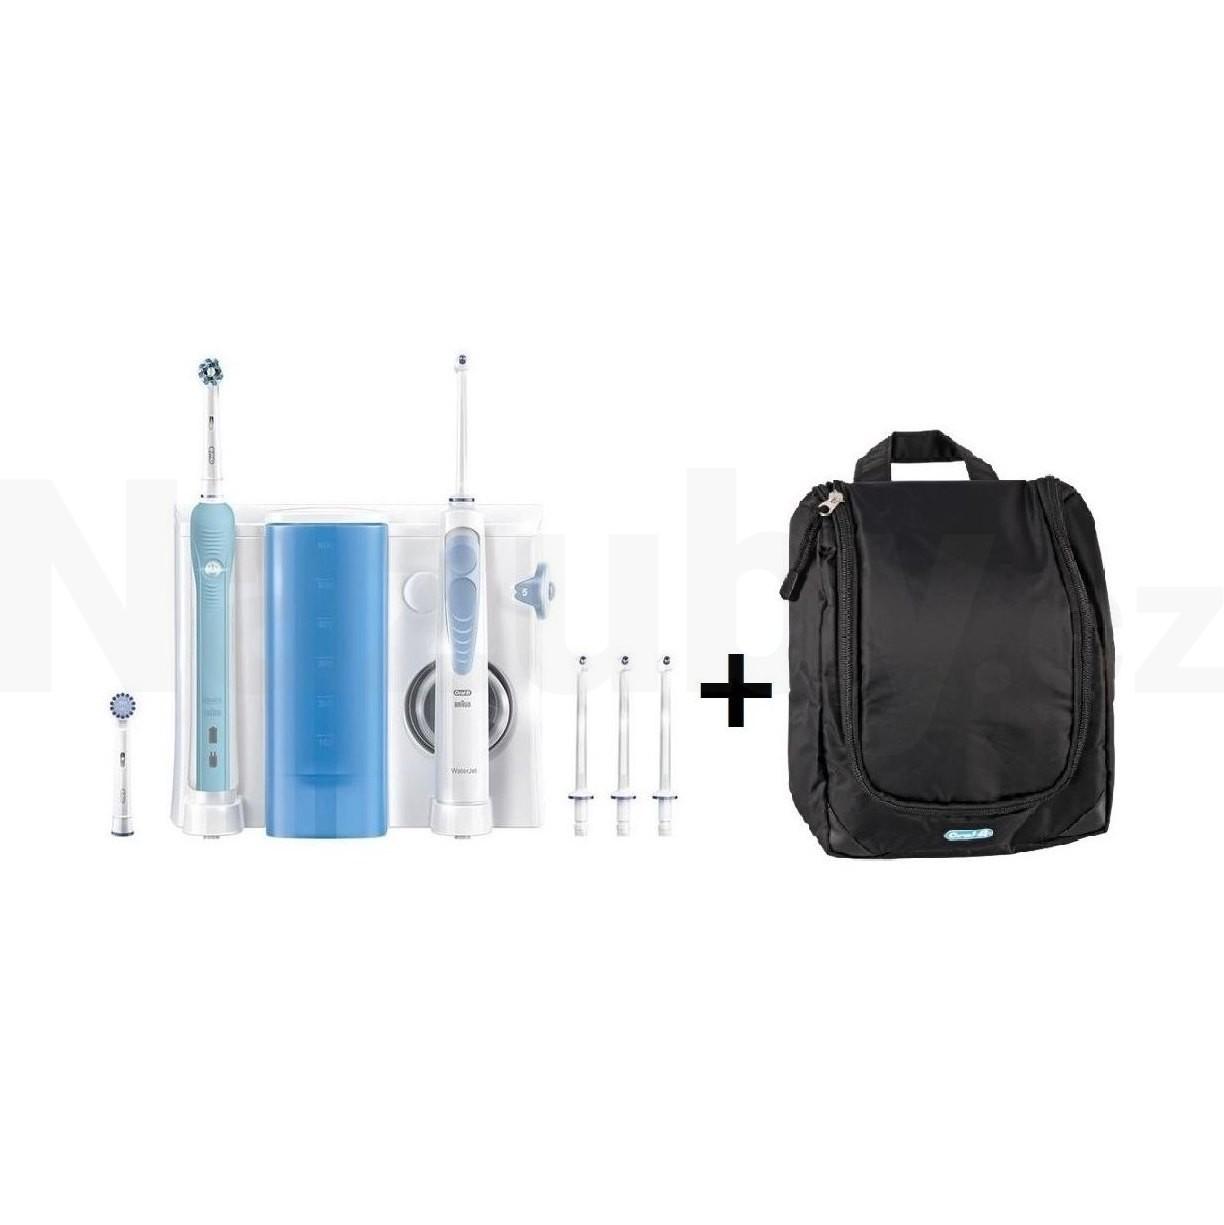 Braun Oral-B WaterJet PRO 700 ústní centrum + kosmetická taška - 100 dní na vrácení zboží